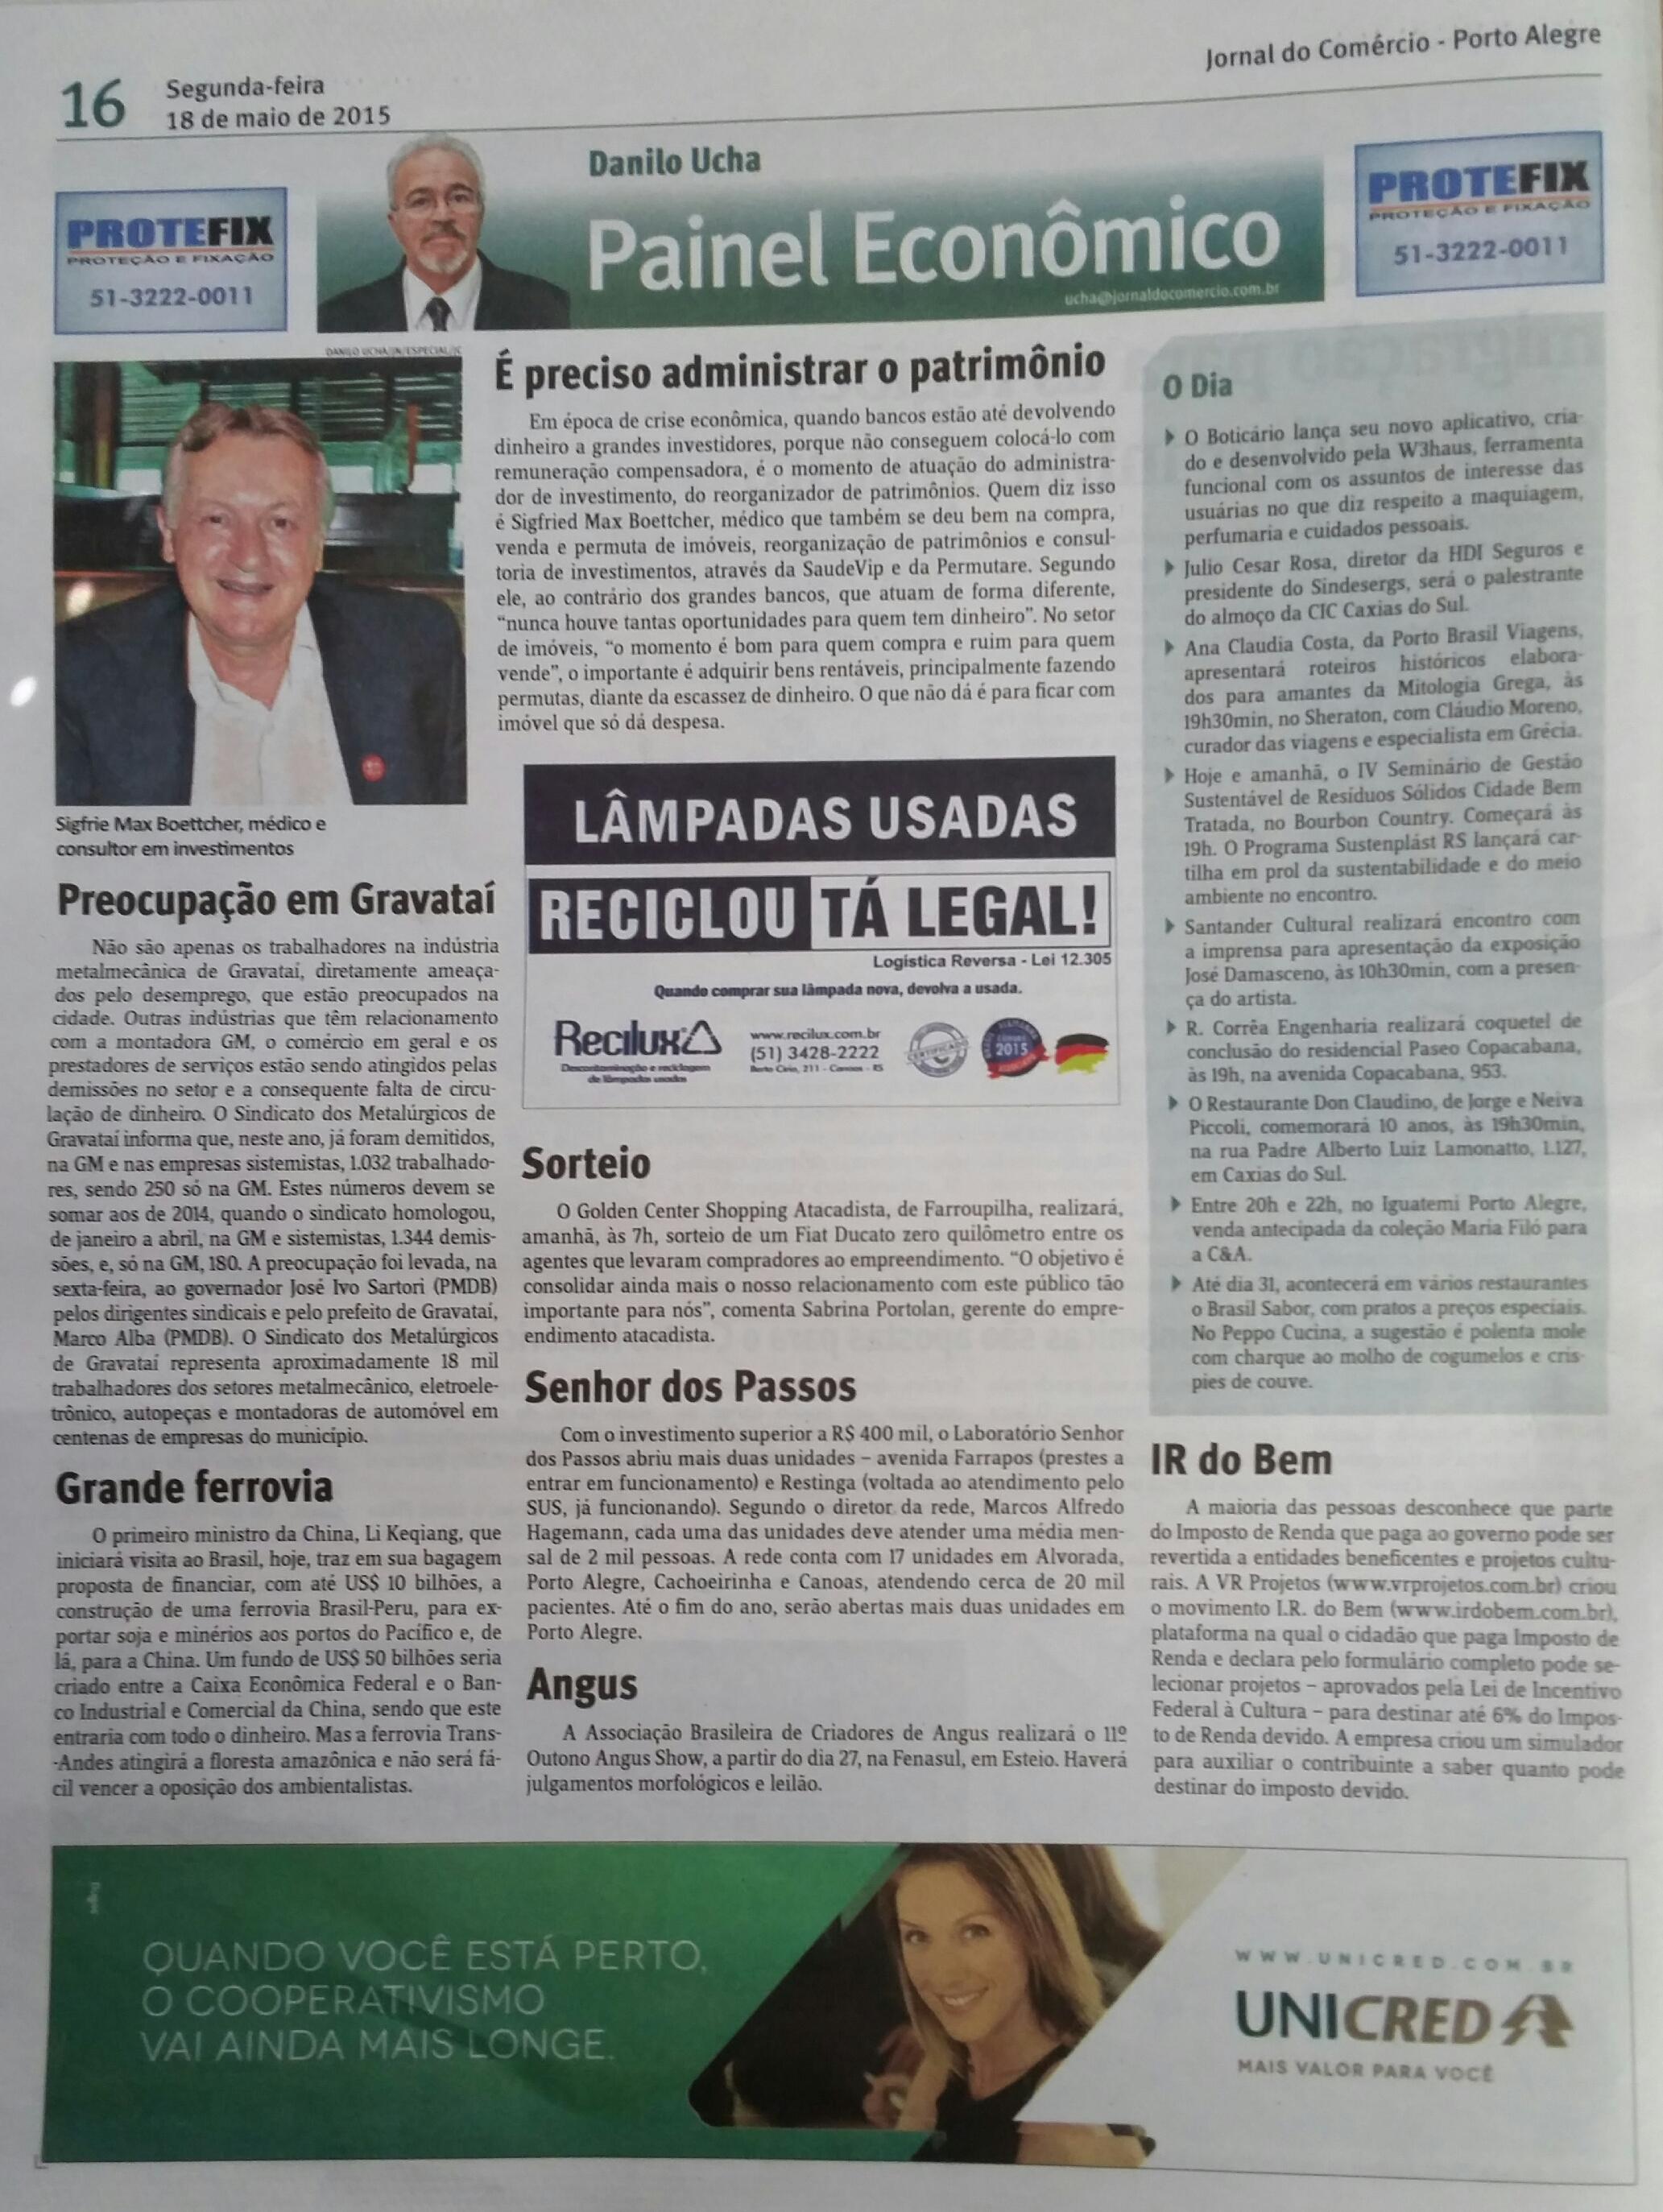 Fonte: Jornal do Comércio, no dia 18 de maio de 2015, pag. 16 do Painel Econômico